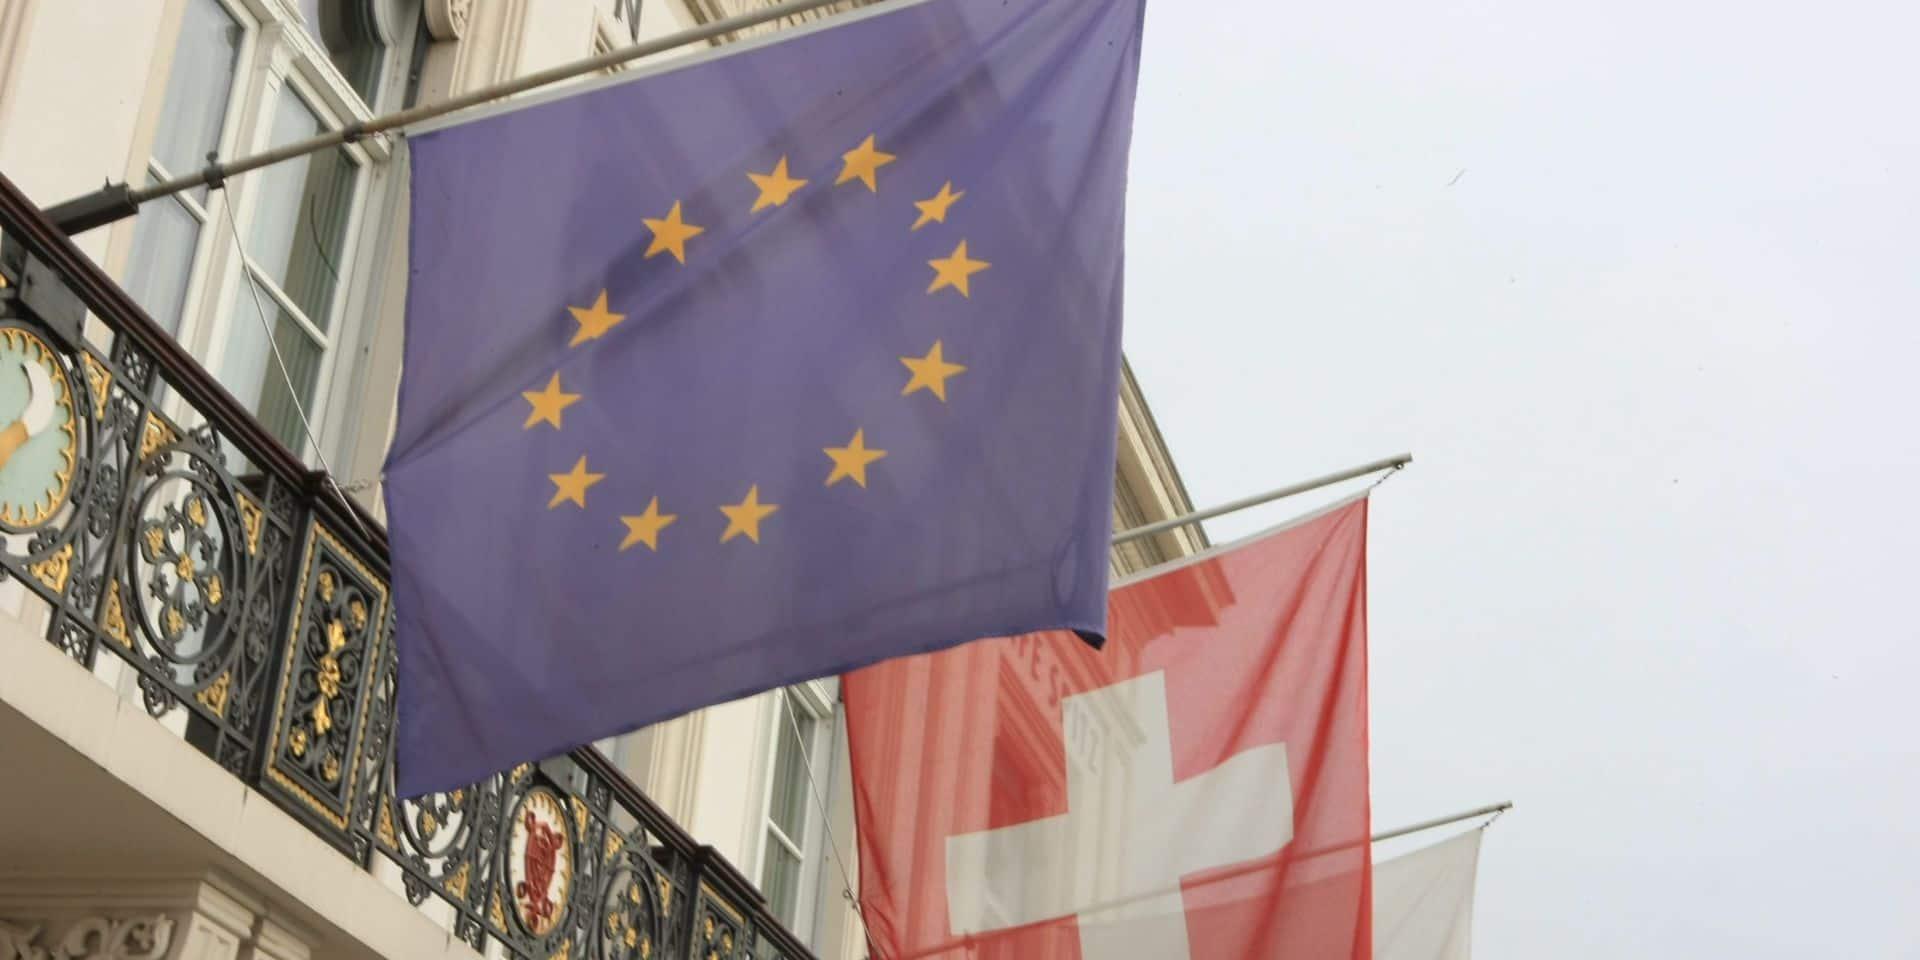 Les Suisses votent contre l'initiative pour des multinationales plus responsables